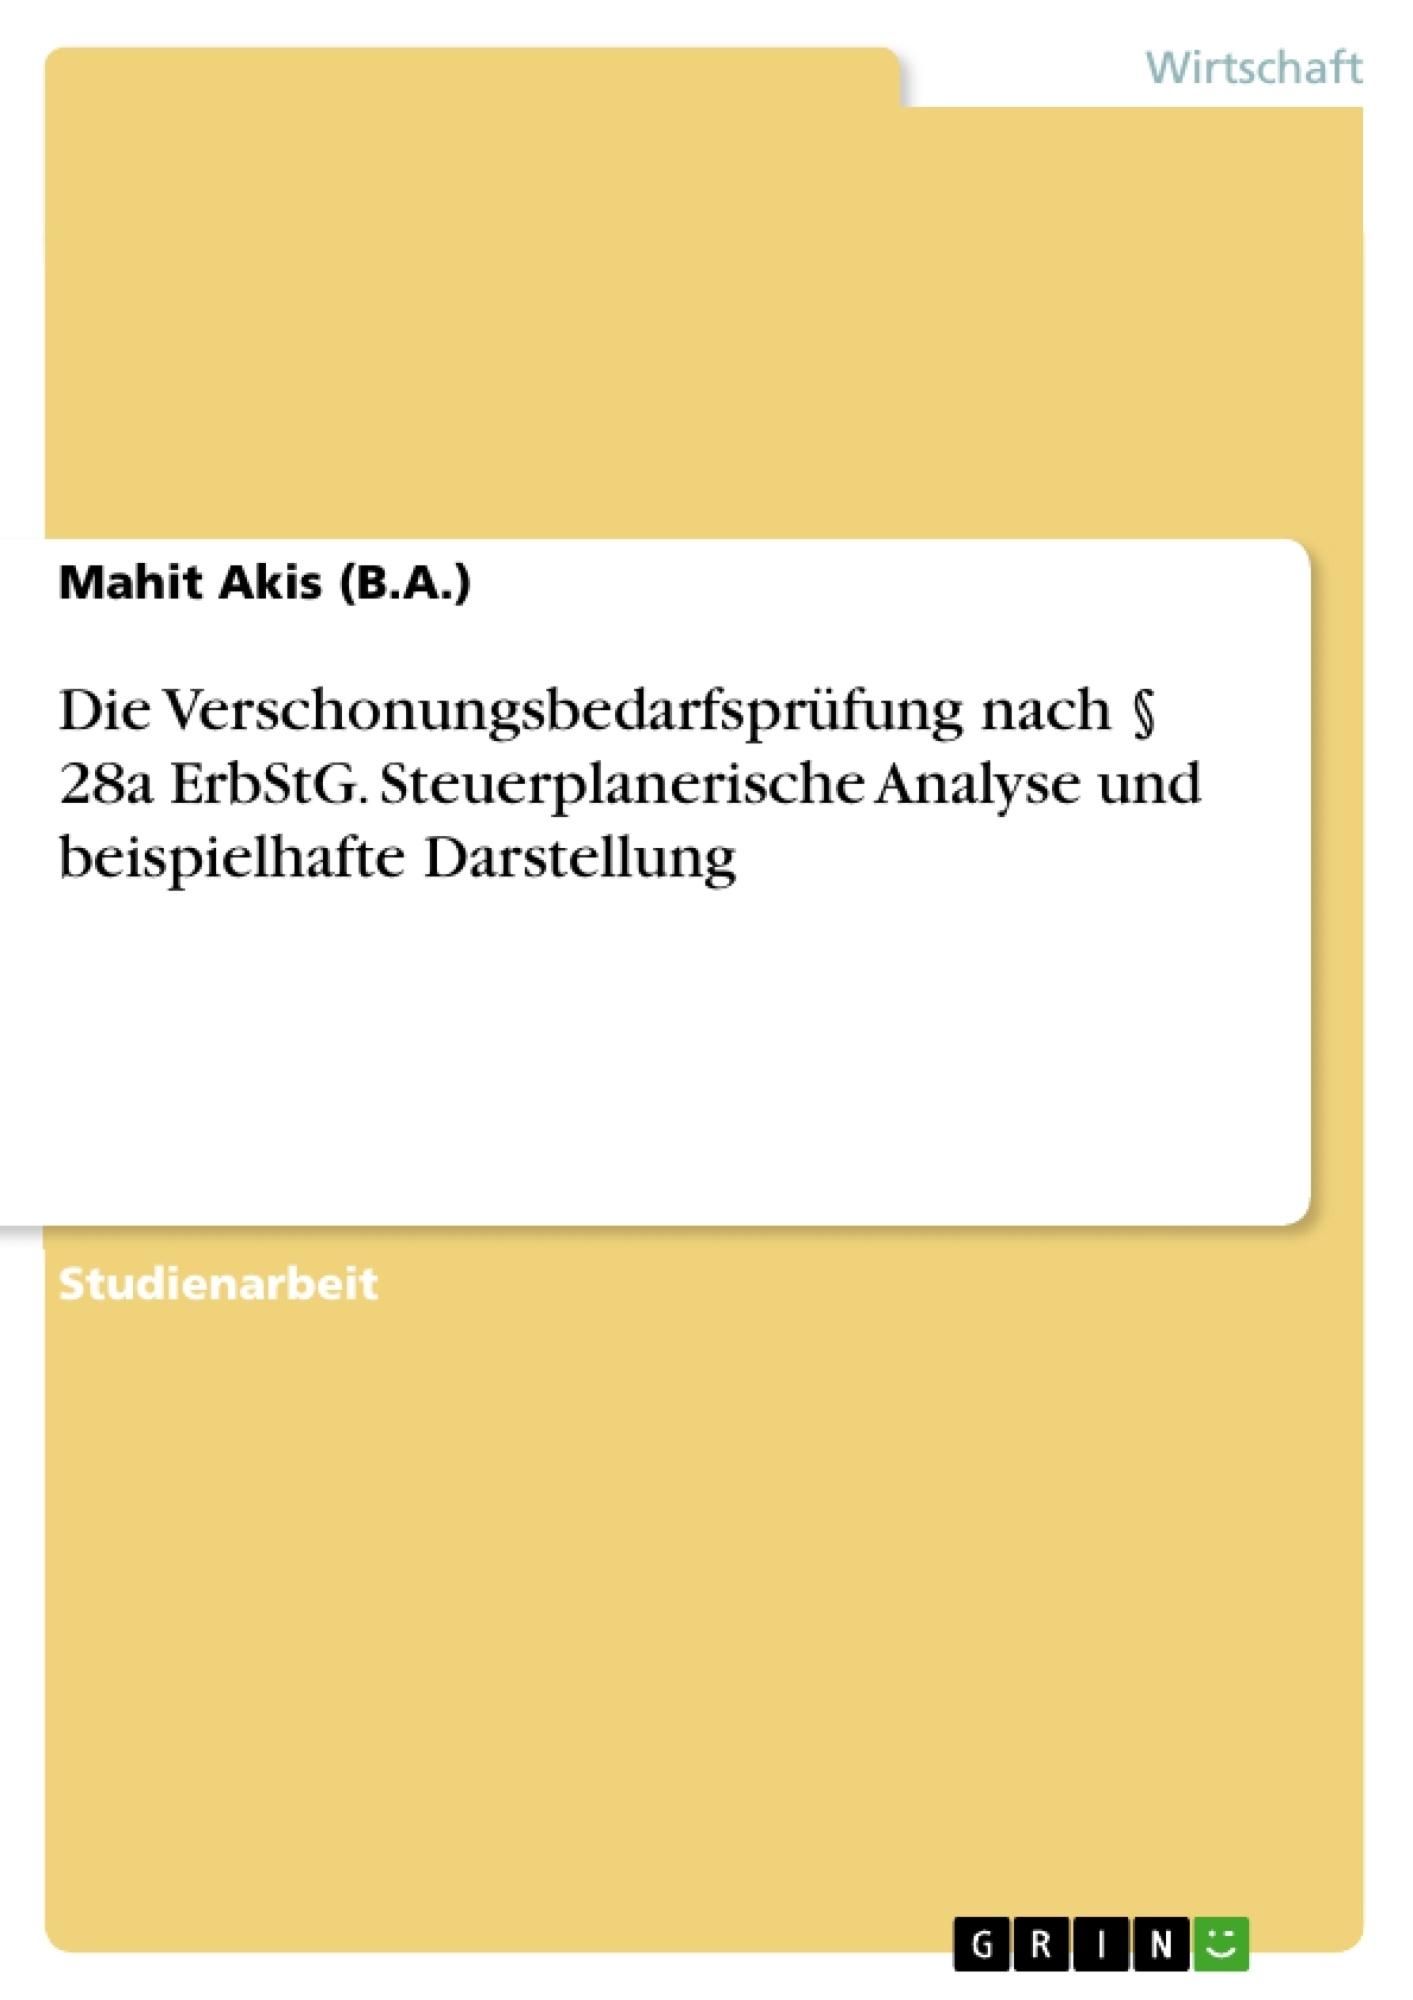 Titel: Die Verschonungsbedarfsprüfung nach § 28a ErbStG. Steuerplanerische Analyse und beispielhafte Darstellung